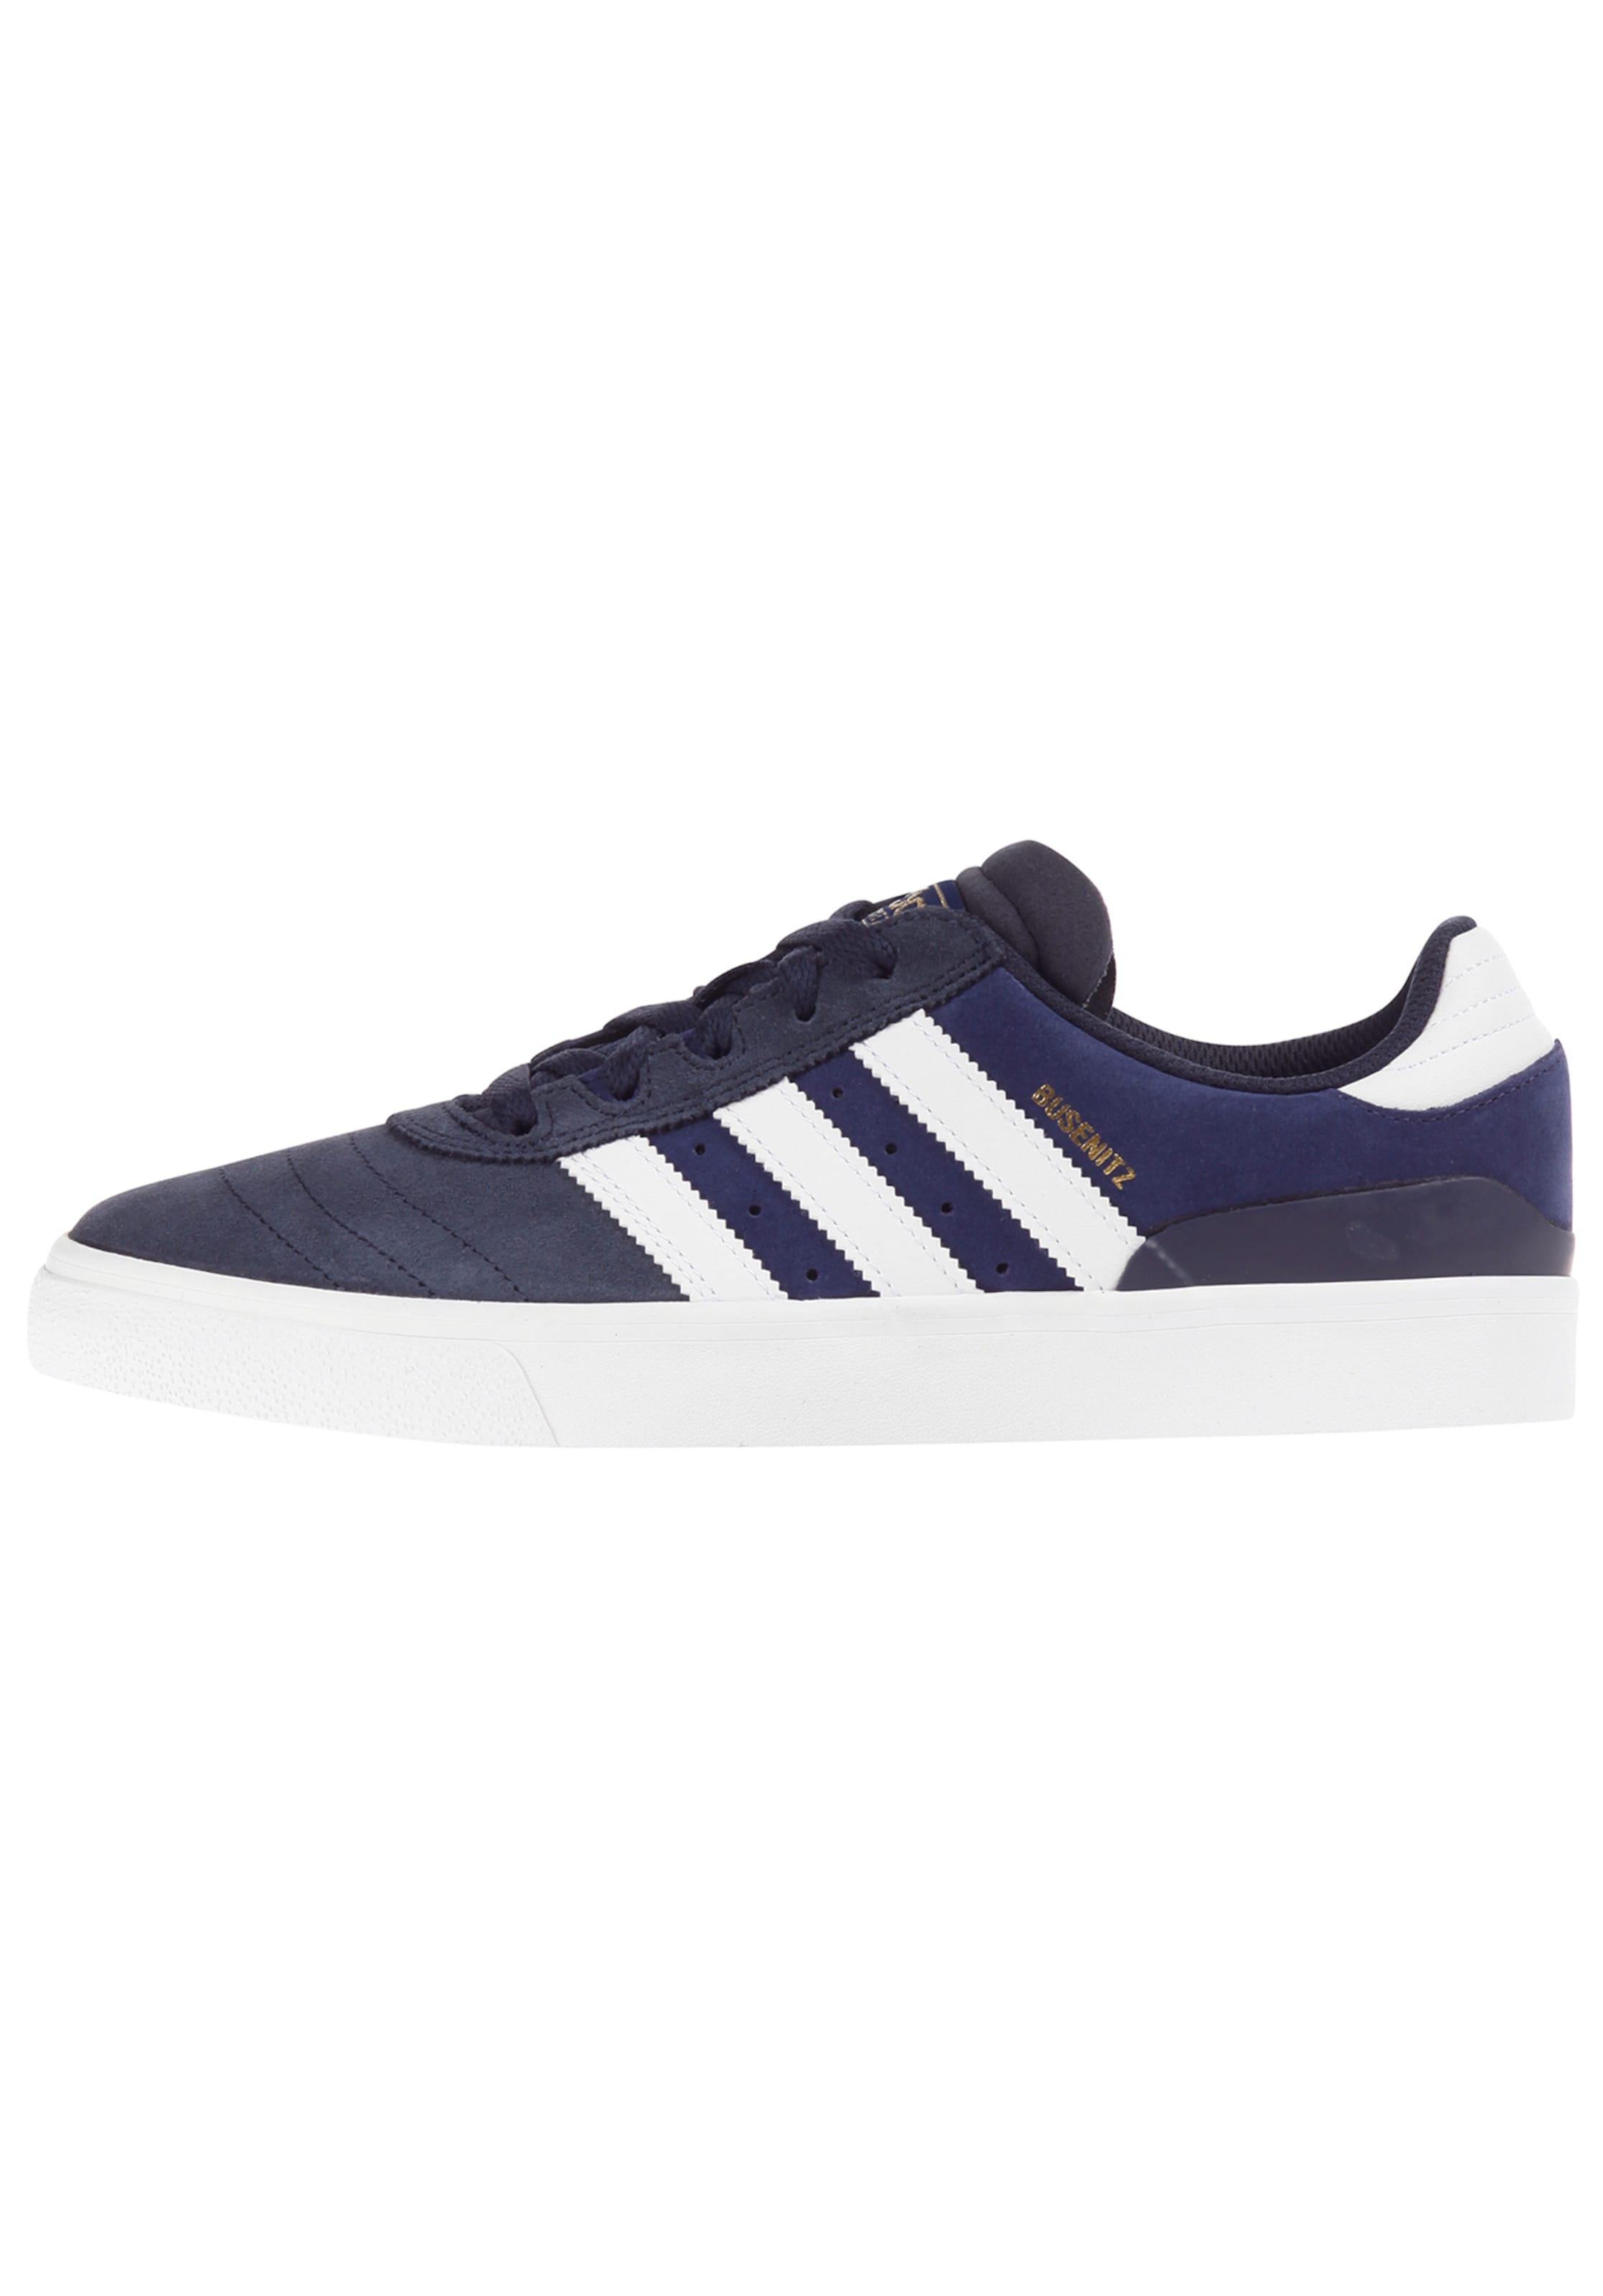 ADIDAS ORIGINALS Busenitz Vulc Sneaker